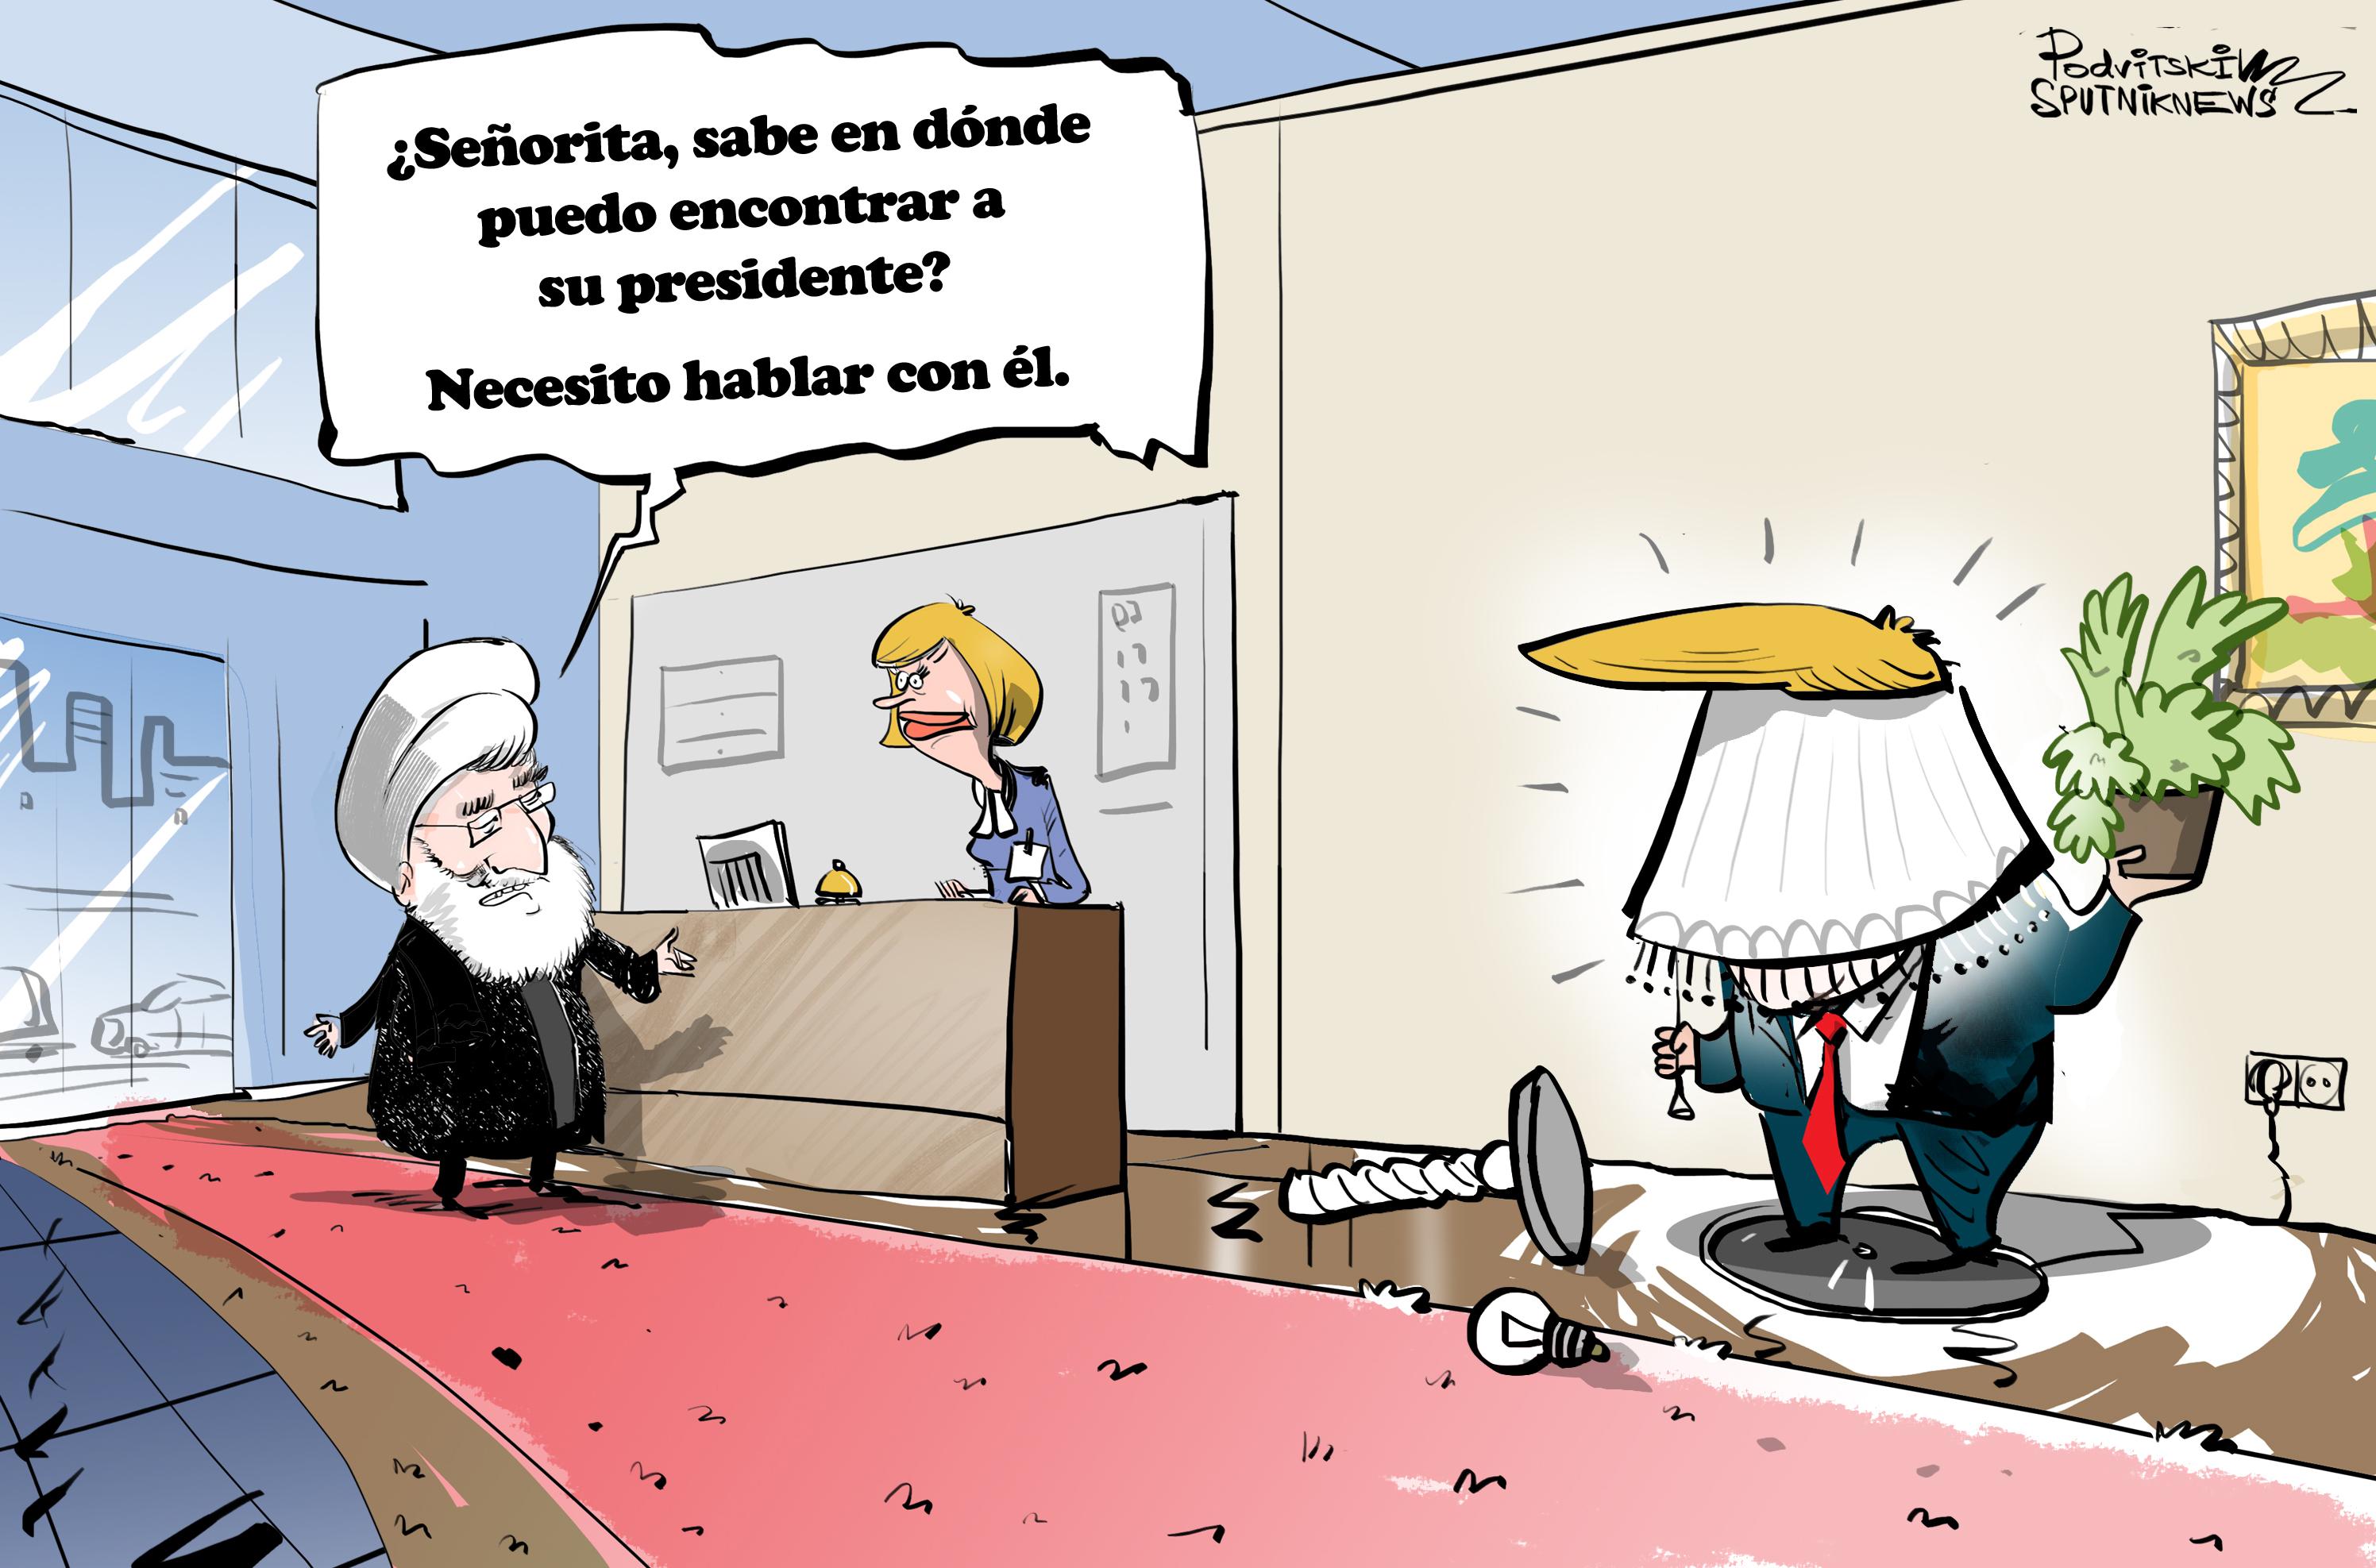 ¿Trump? ¿Qué Trump? Alguien no quiere reunirse con Irán